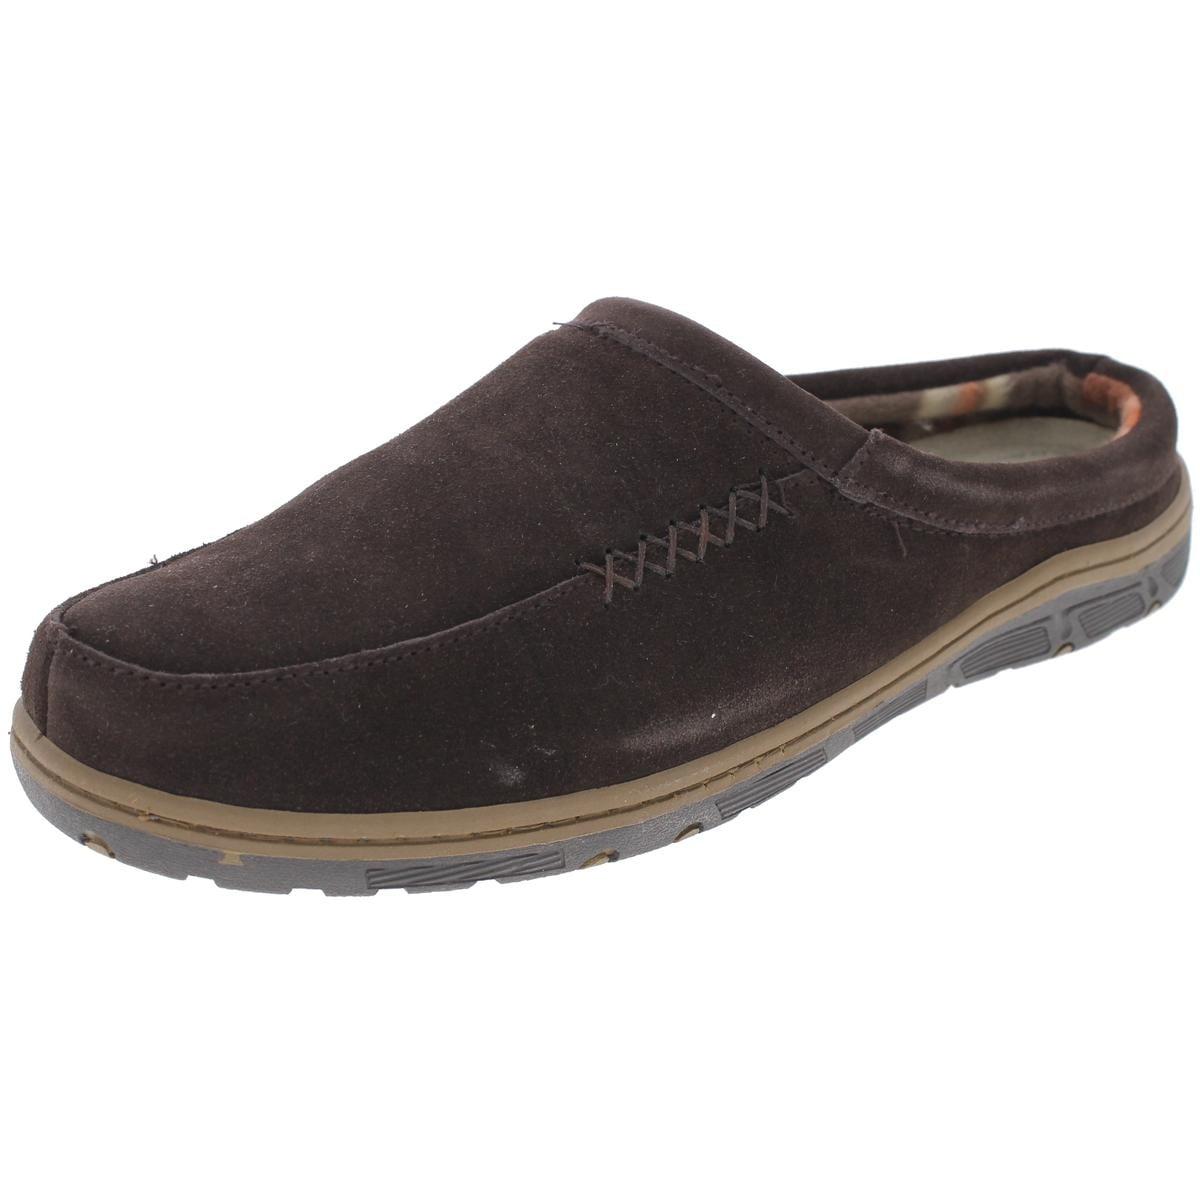 Slippers Suede Indoor/Outdoor